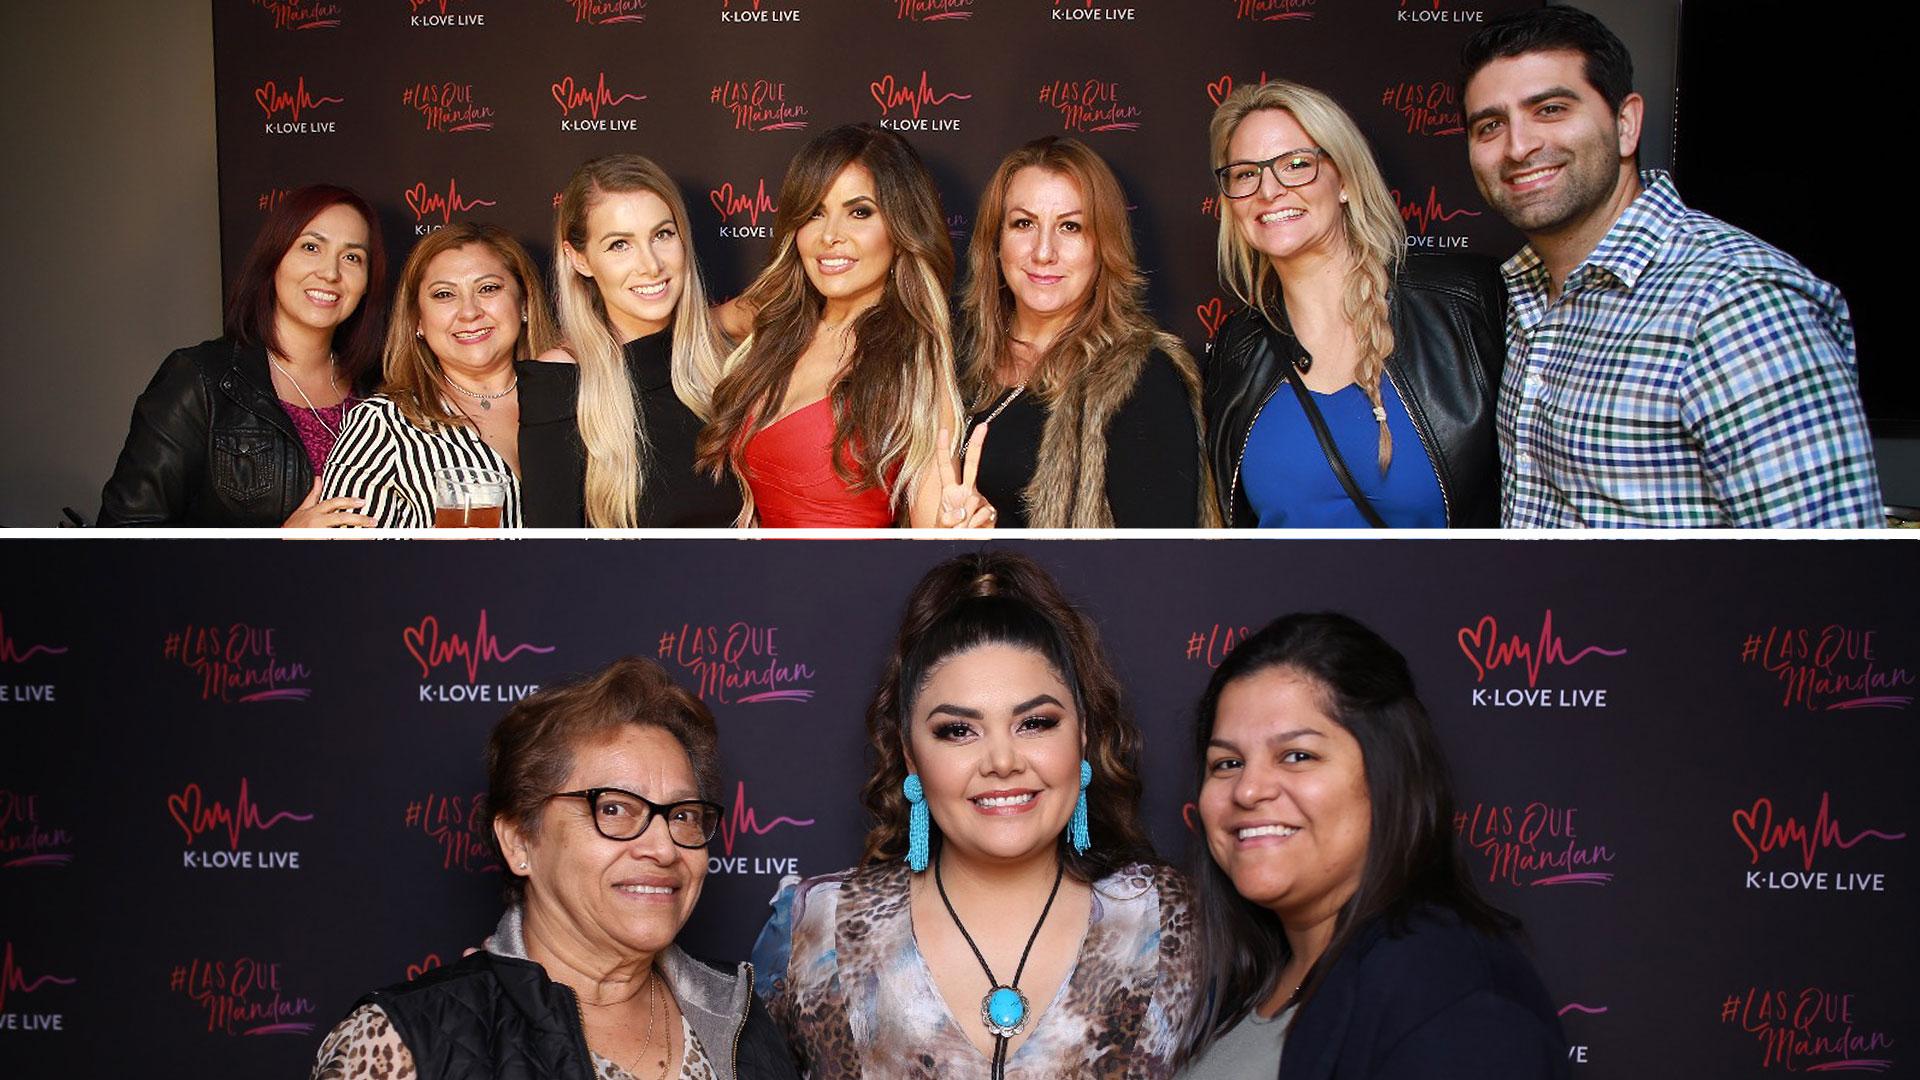 Ellos pudieron conocer a dos de #LasQueMandan: Gloria Trevi y Yuridia